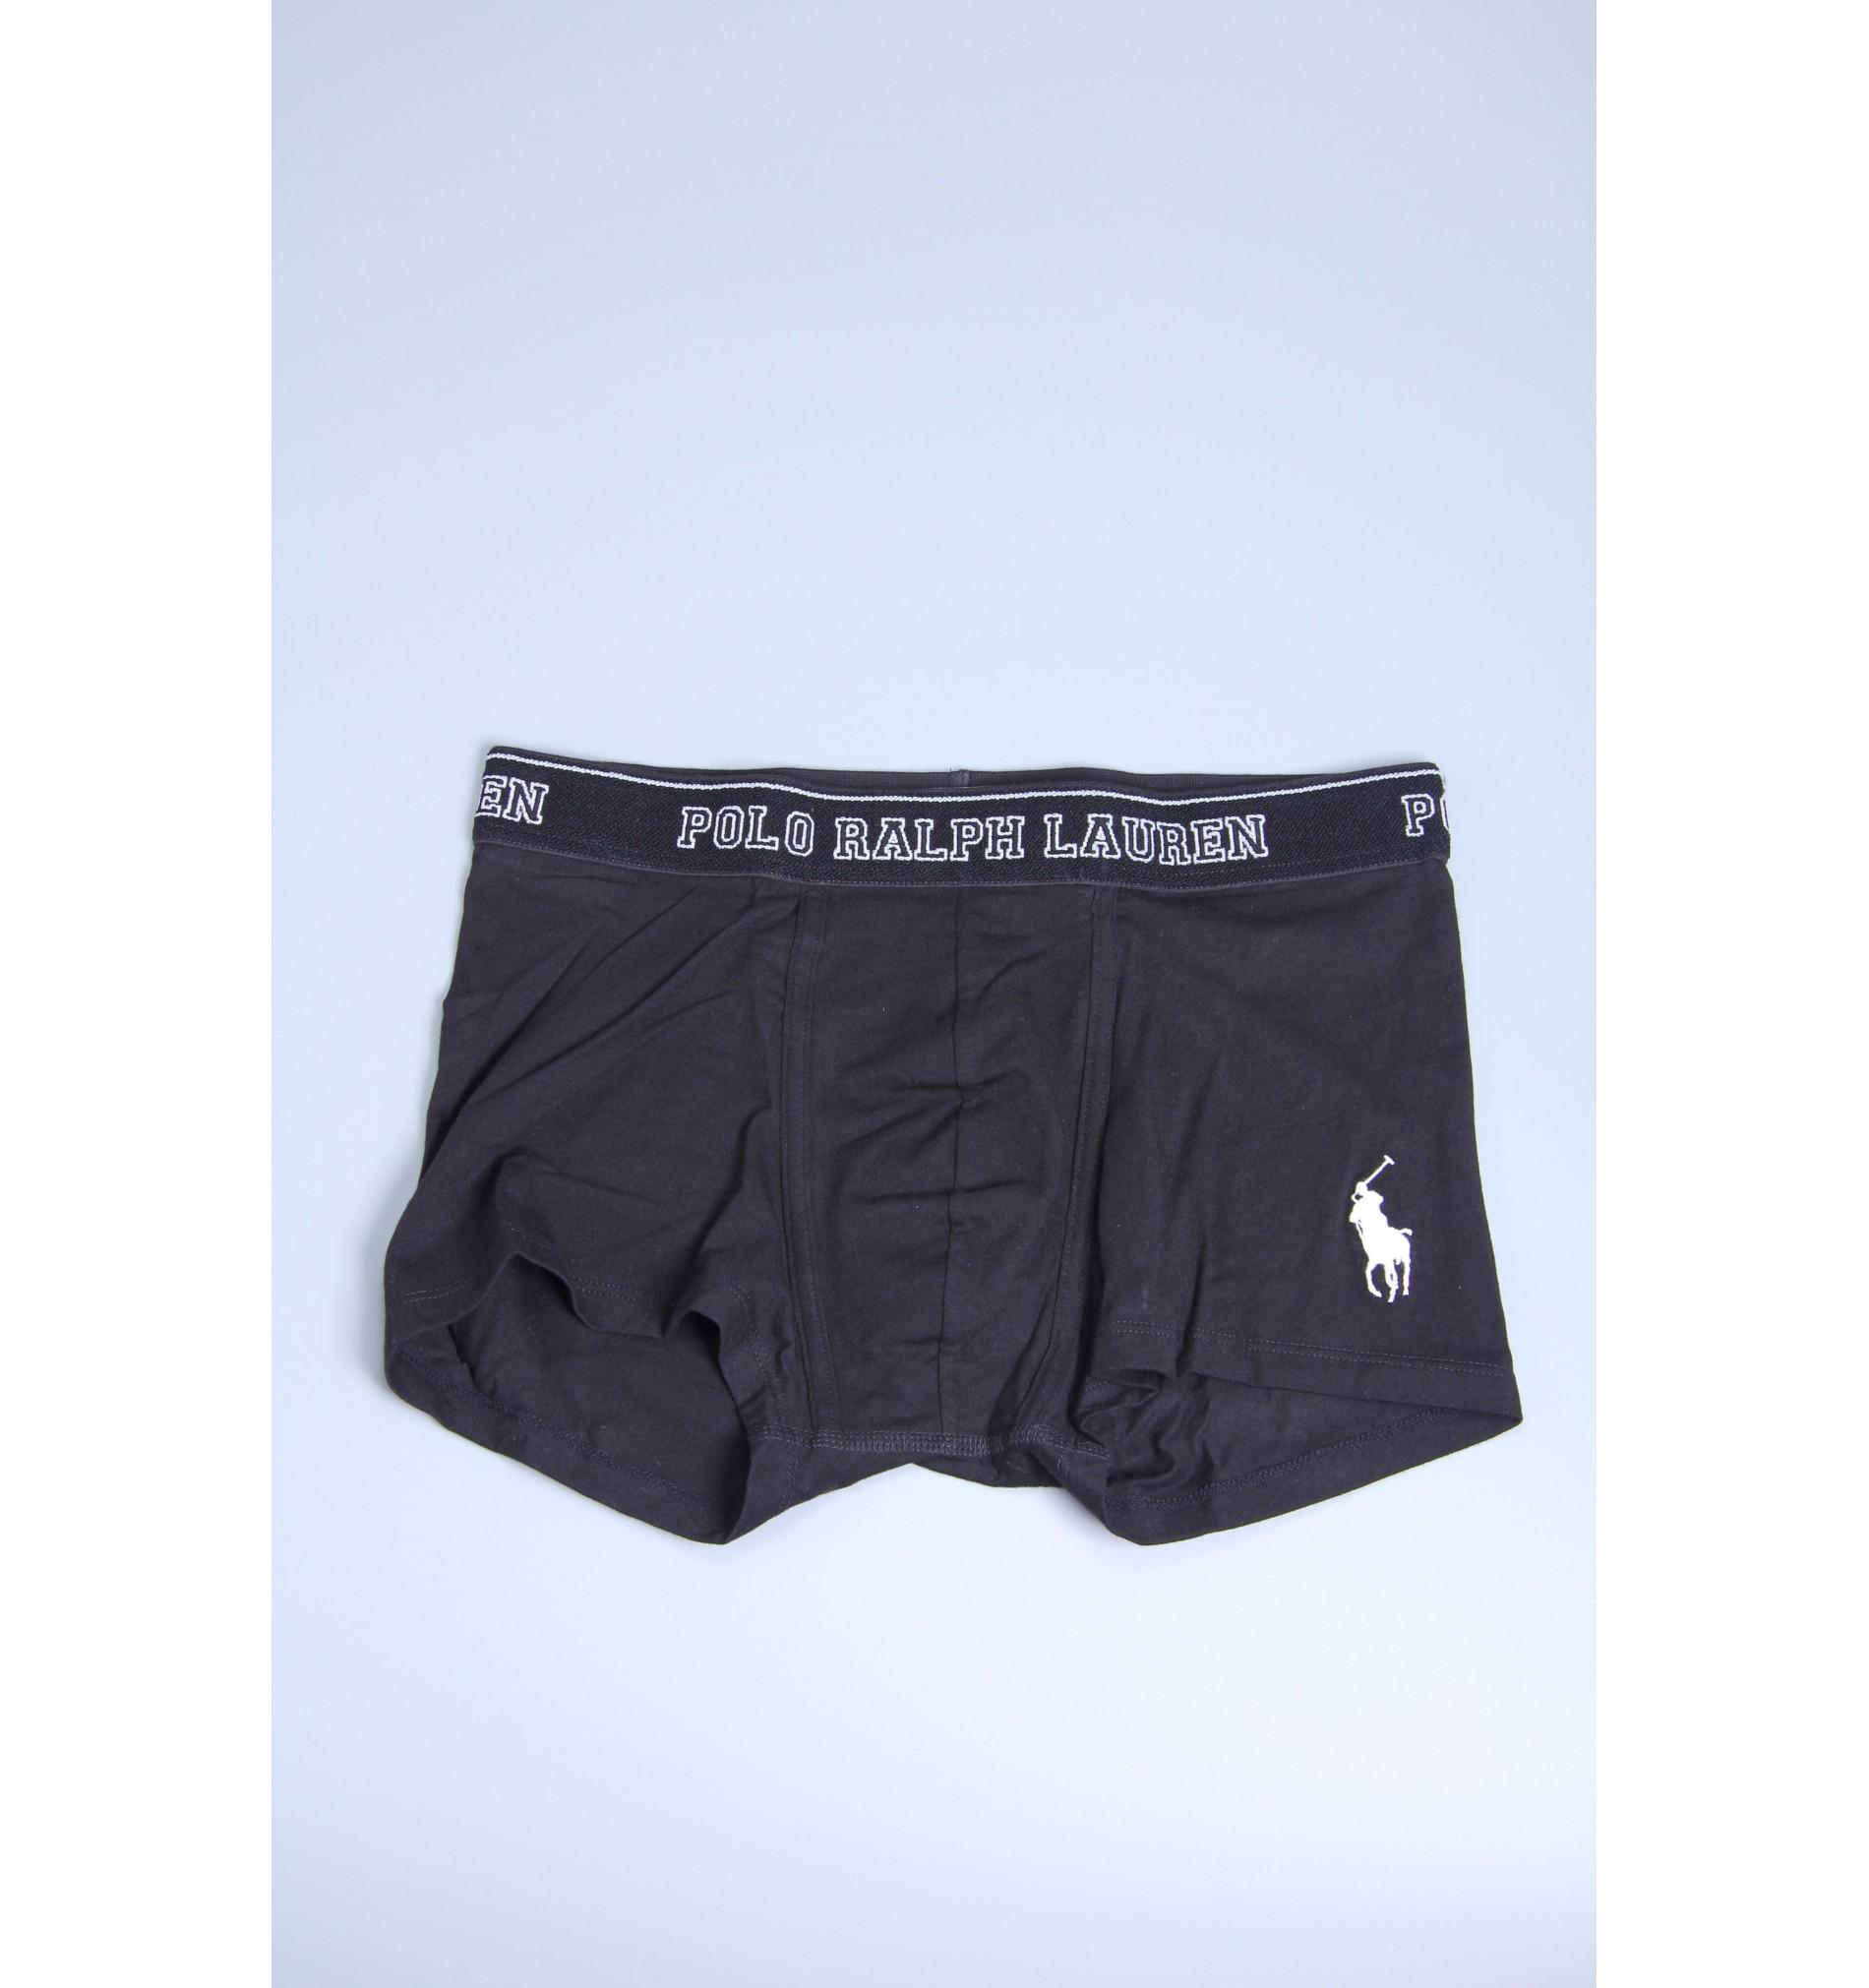 Polo boxerky '714661553-001' čierne  001